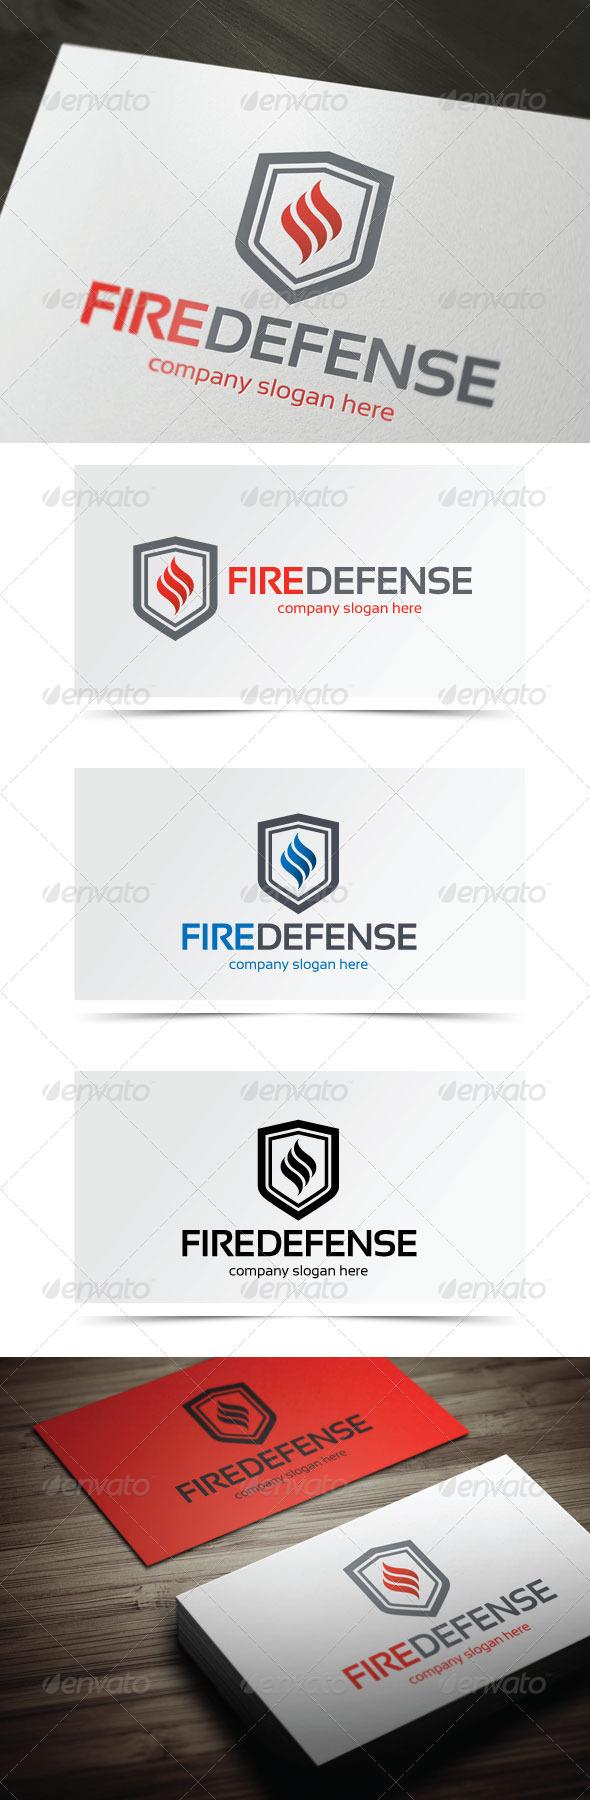 Fire Defense